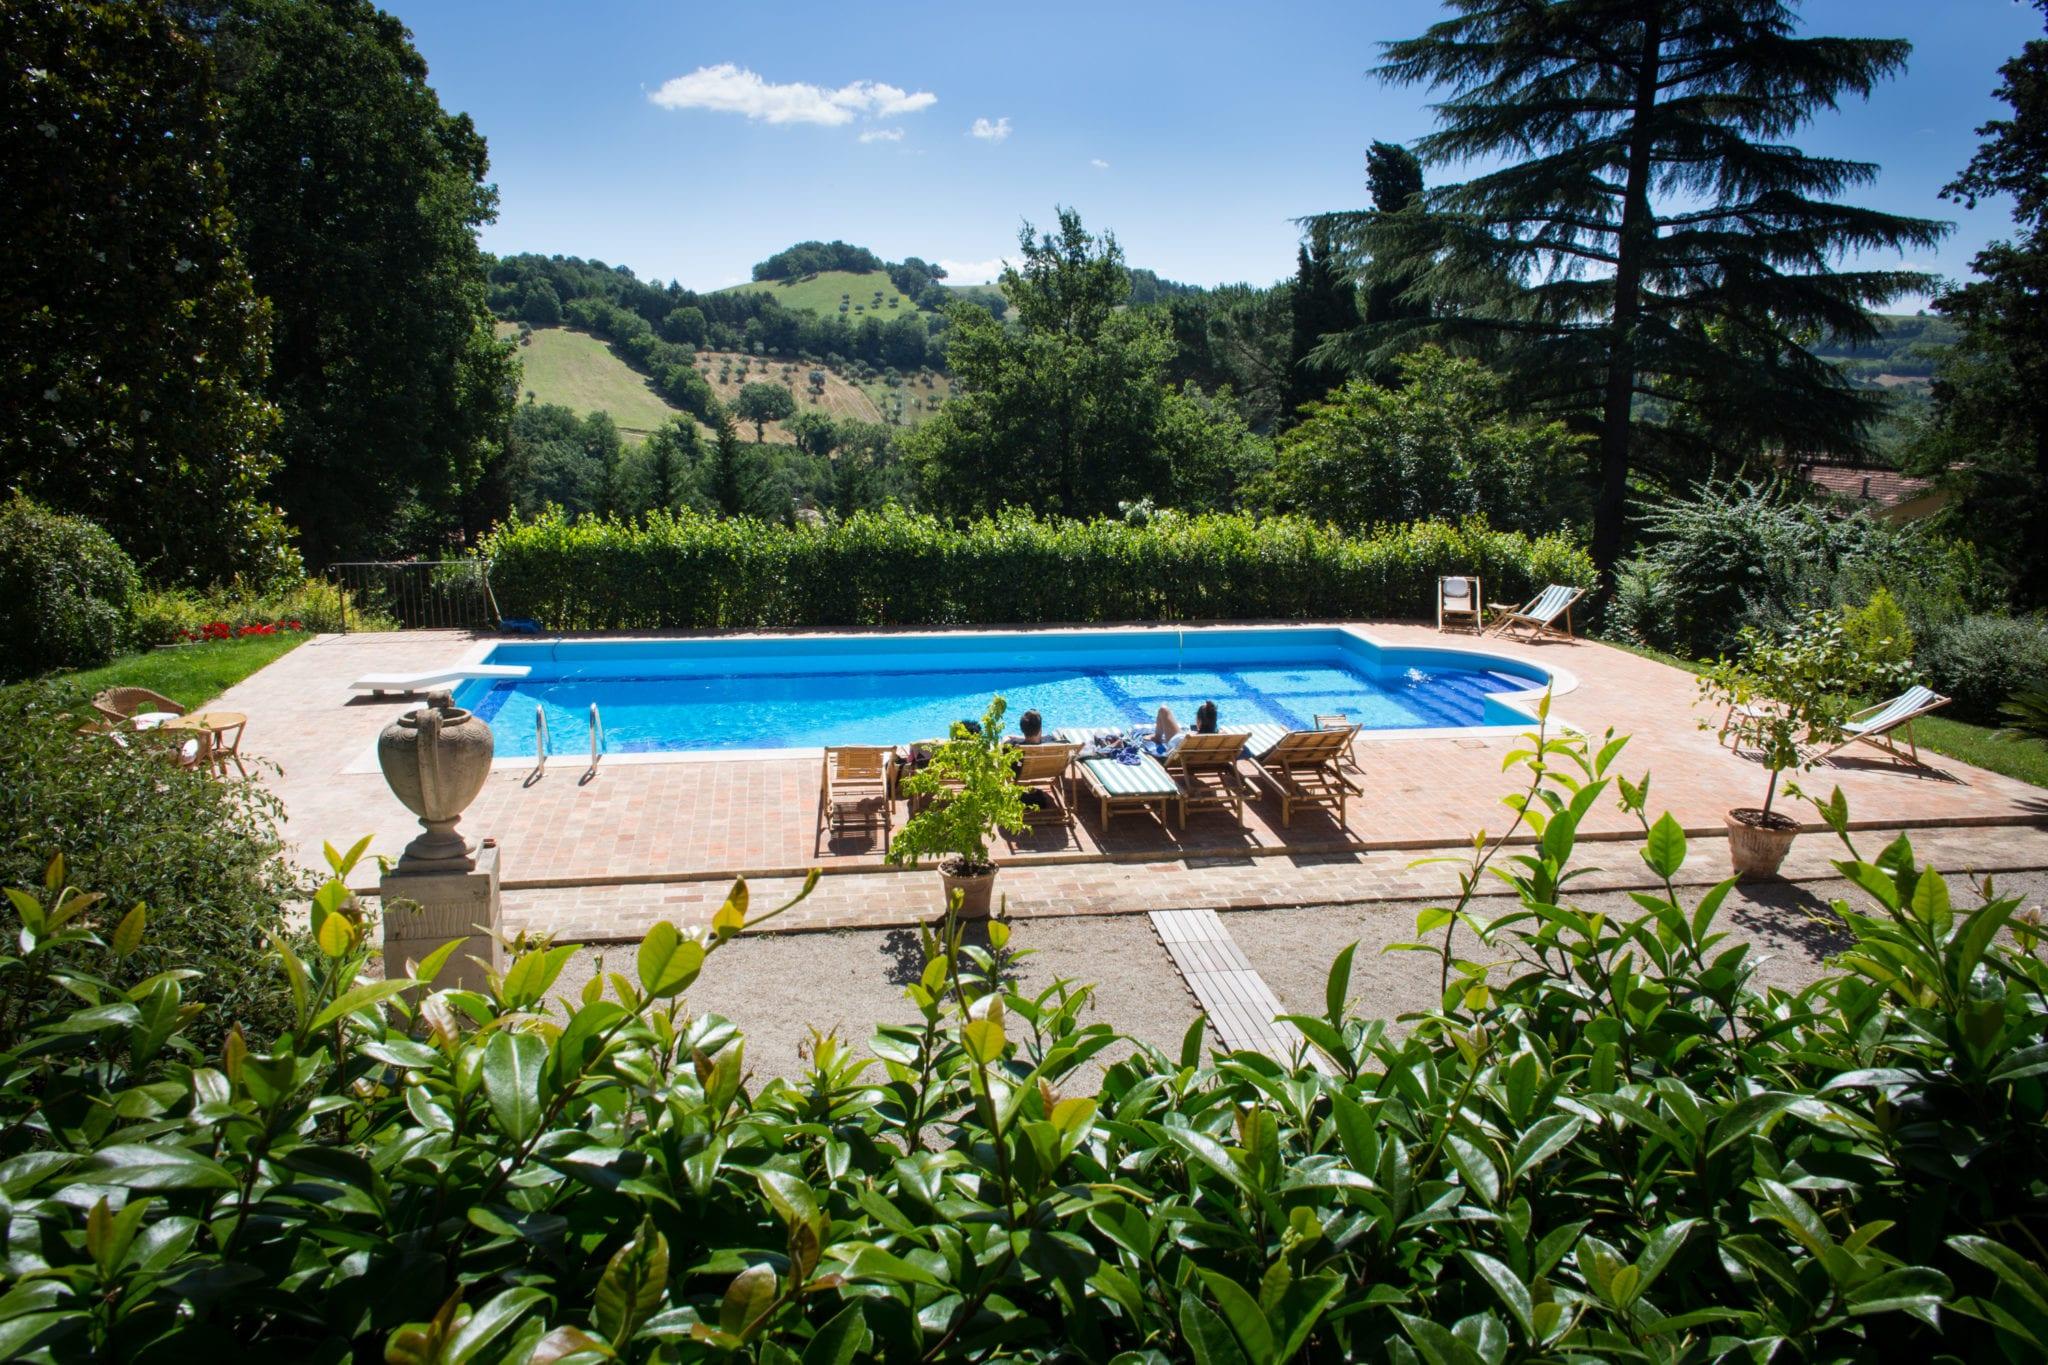 Piscina a Villa Teloni - Location per matrimoni